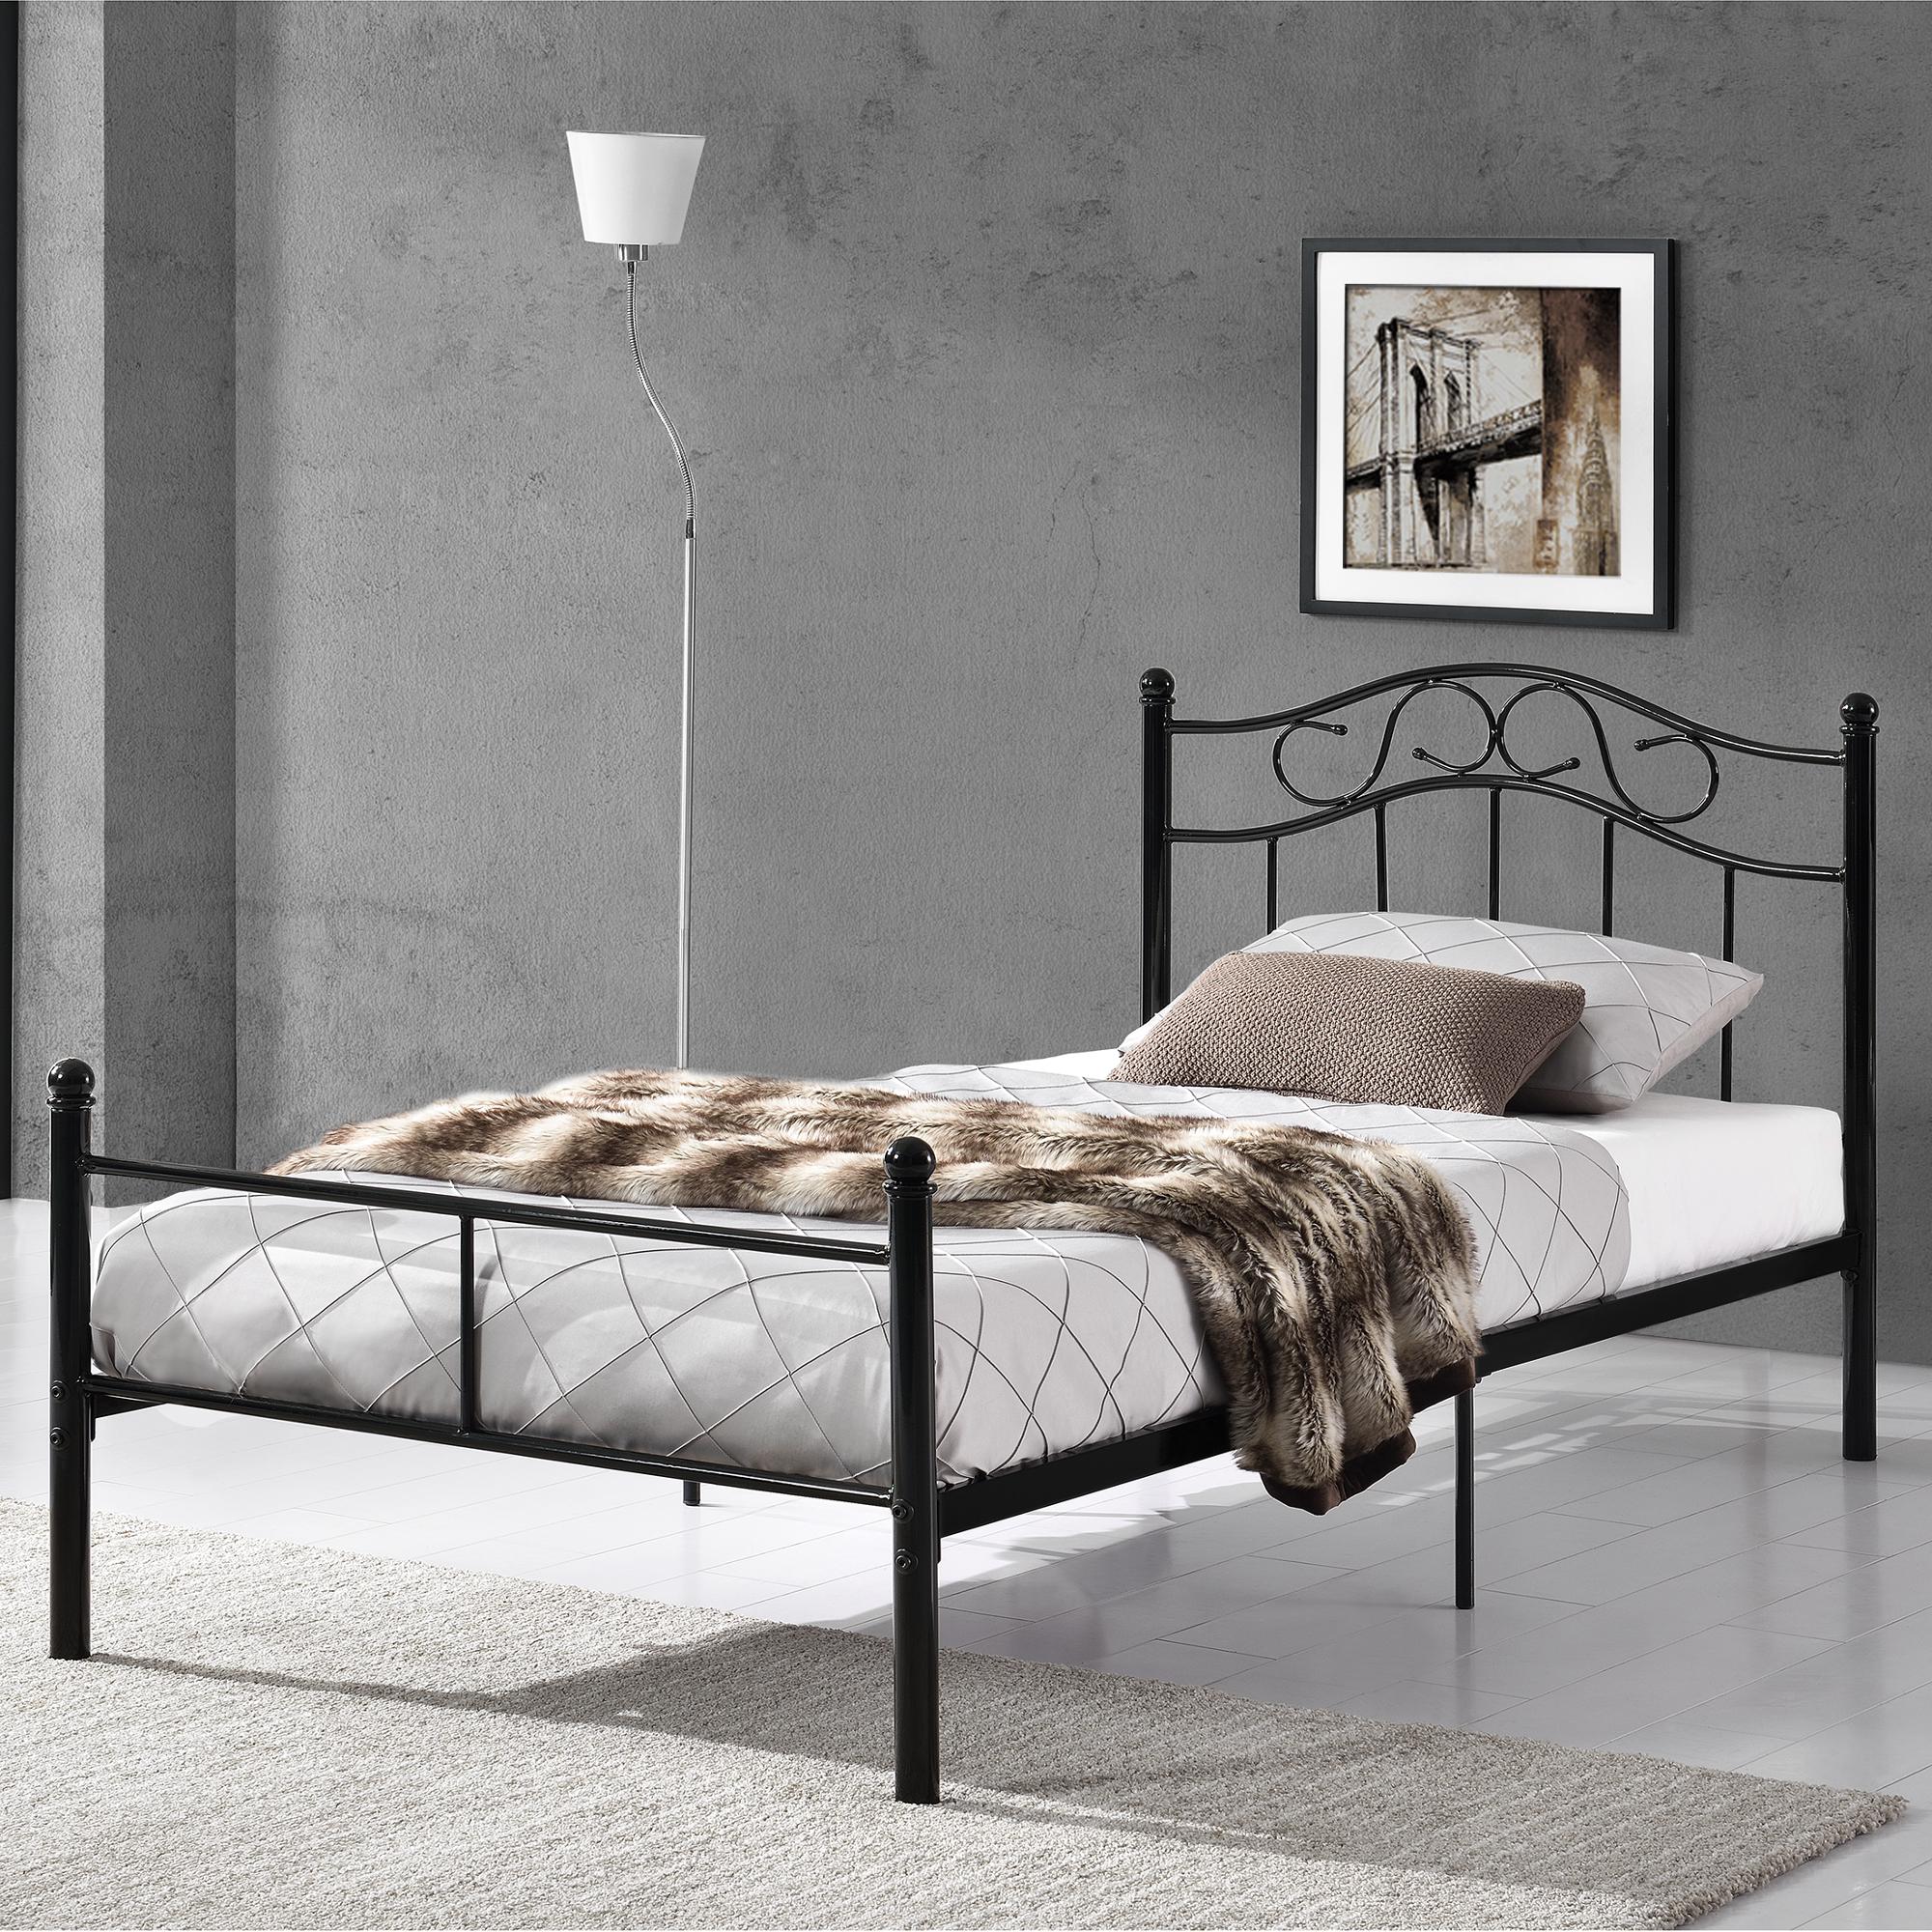 metallbett 90 120 140 180 200x200 bett bettgestell doppelbett ehebett ebay. Black Bedroom Furniture Sets. Home Design Ideas